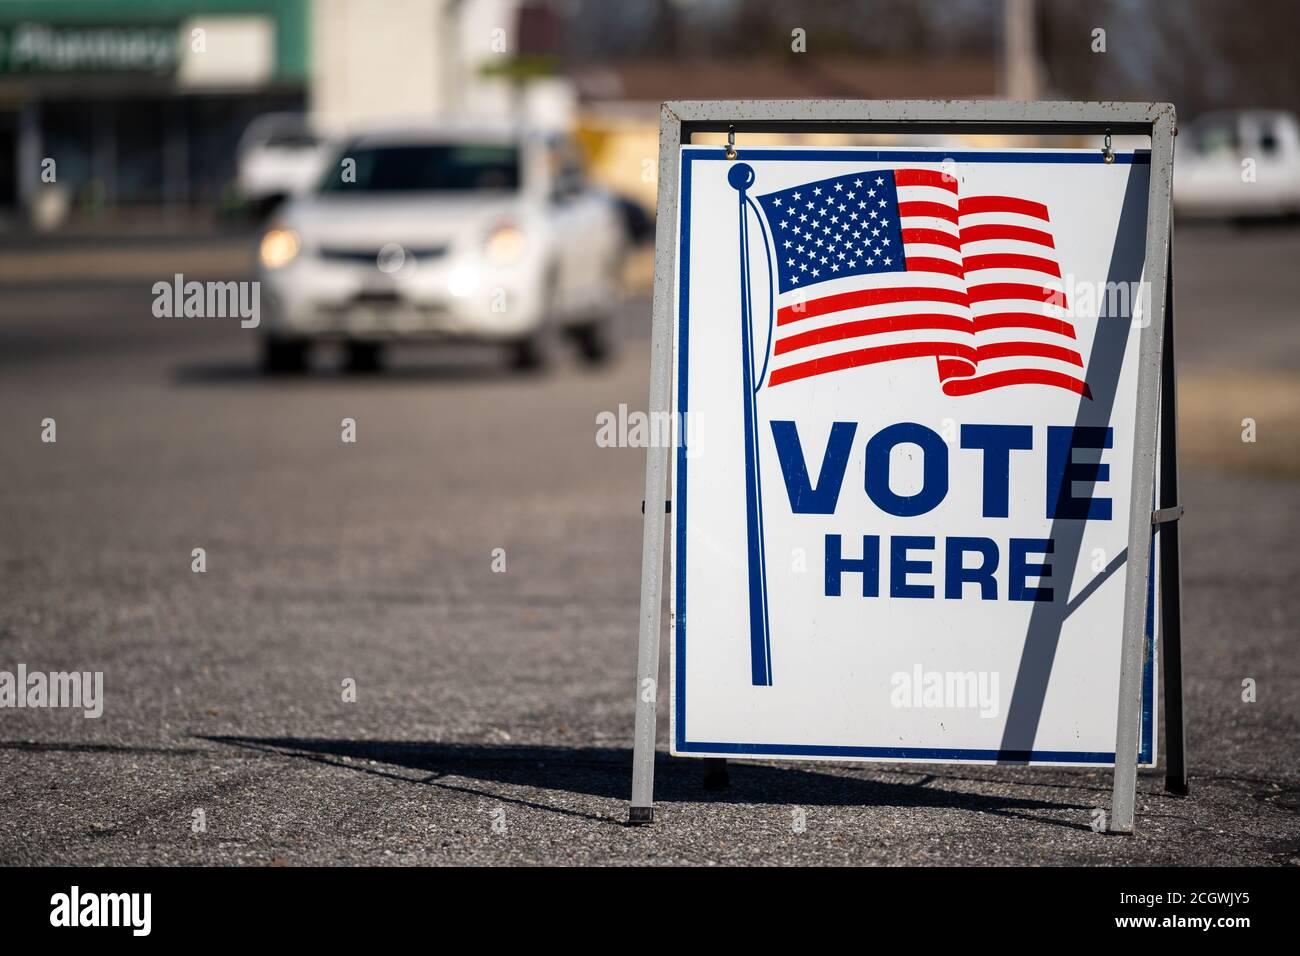 Votez ici dans un parking Banque D'Images